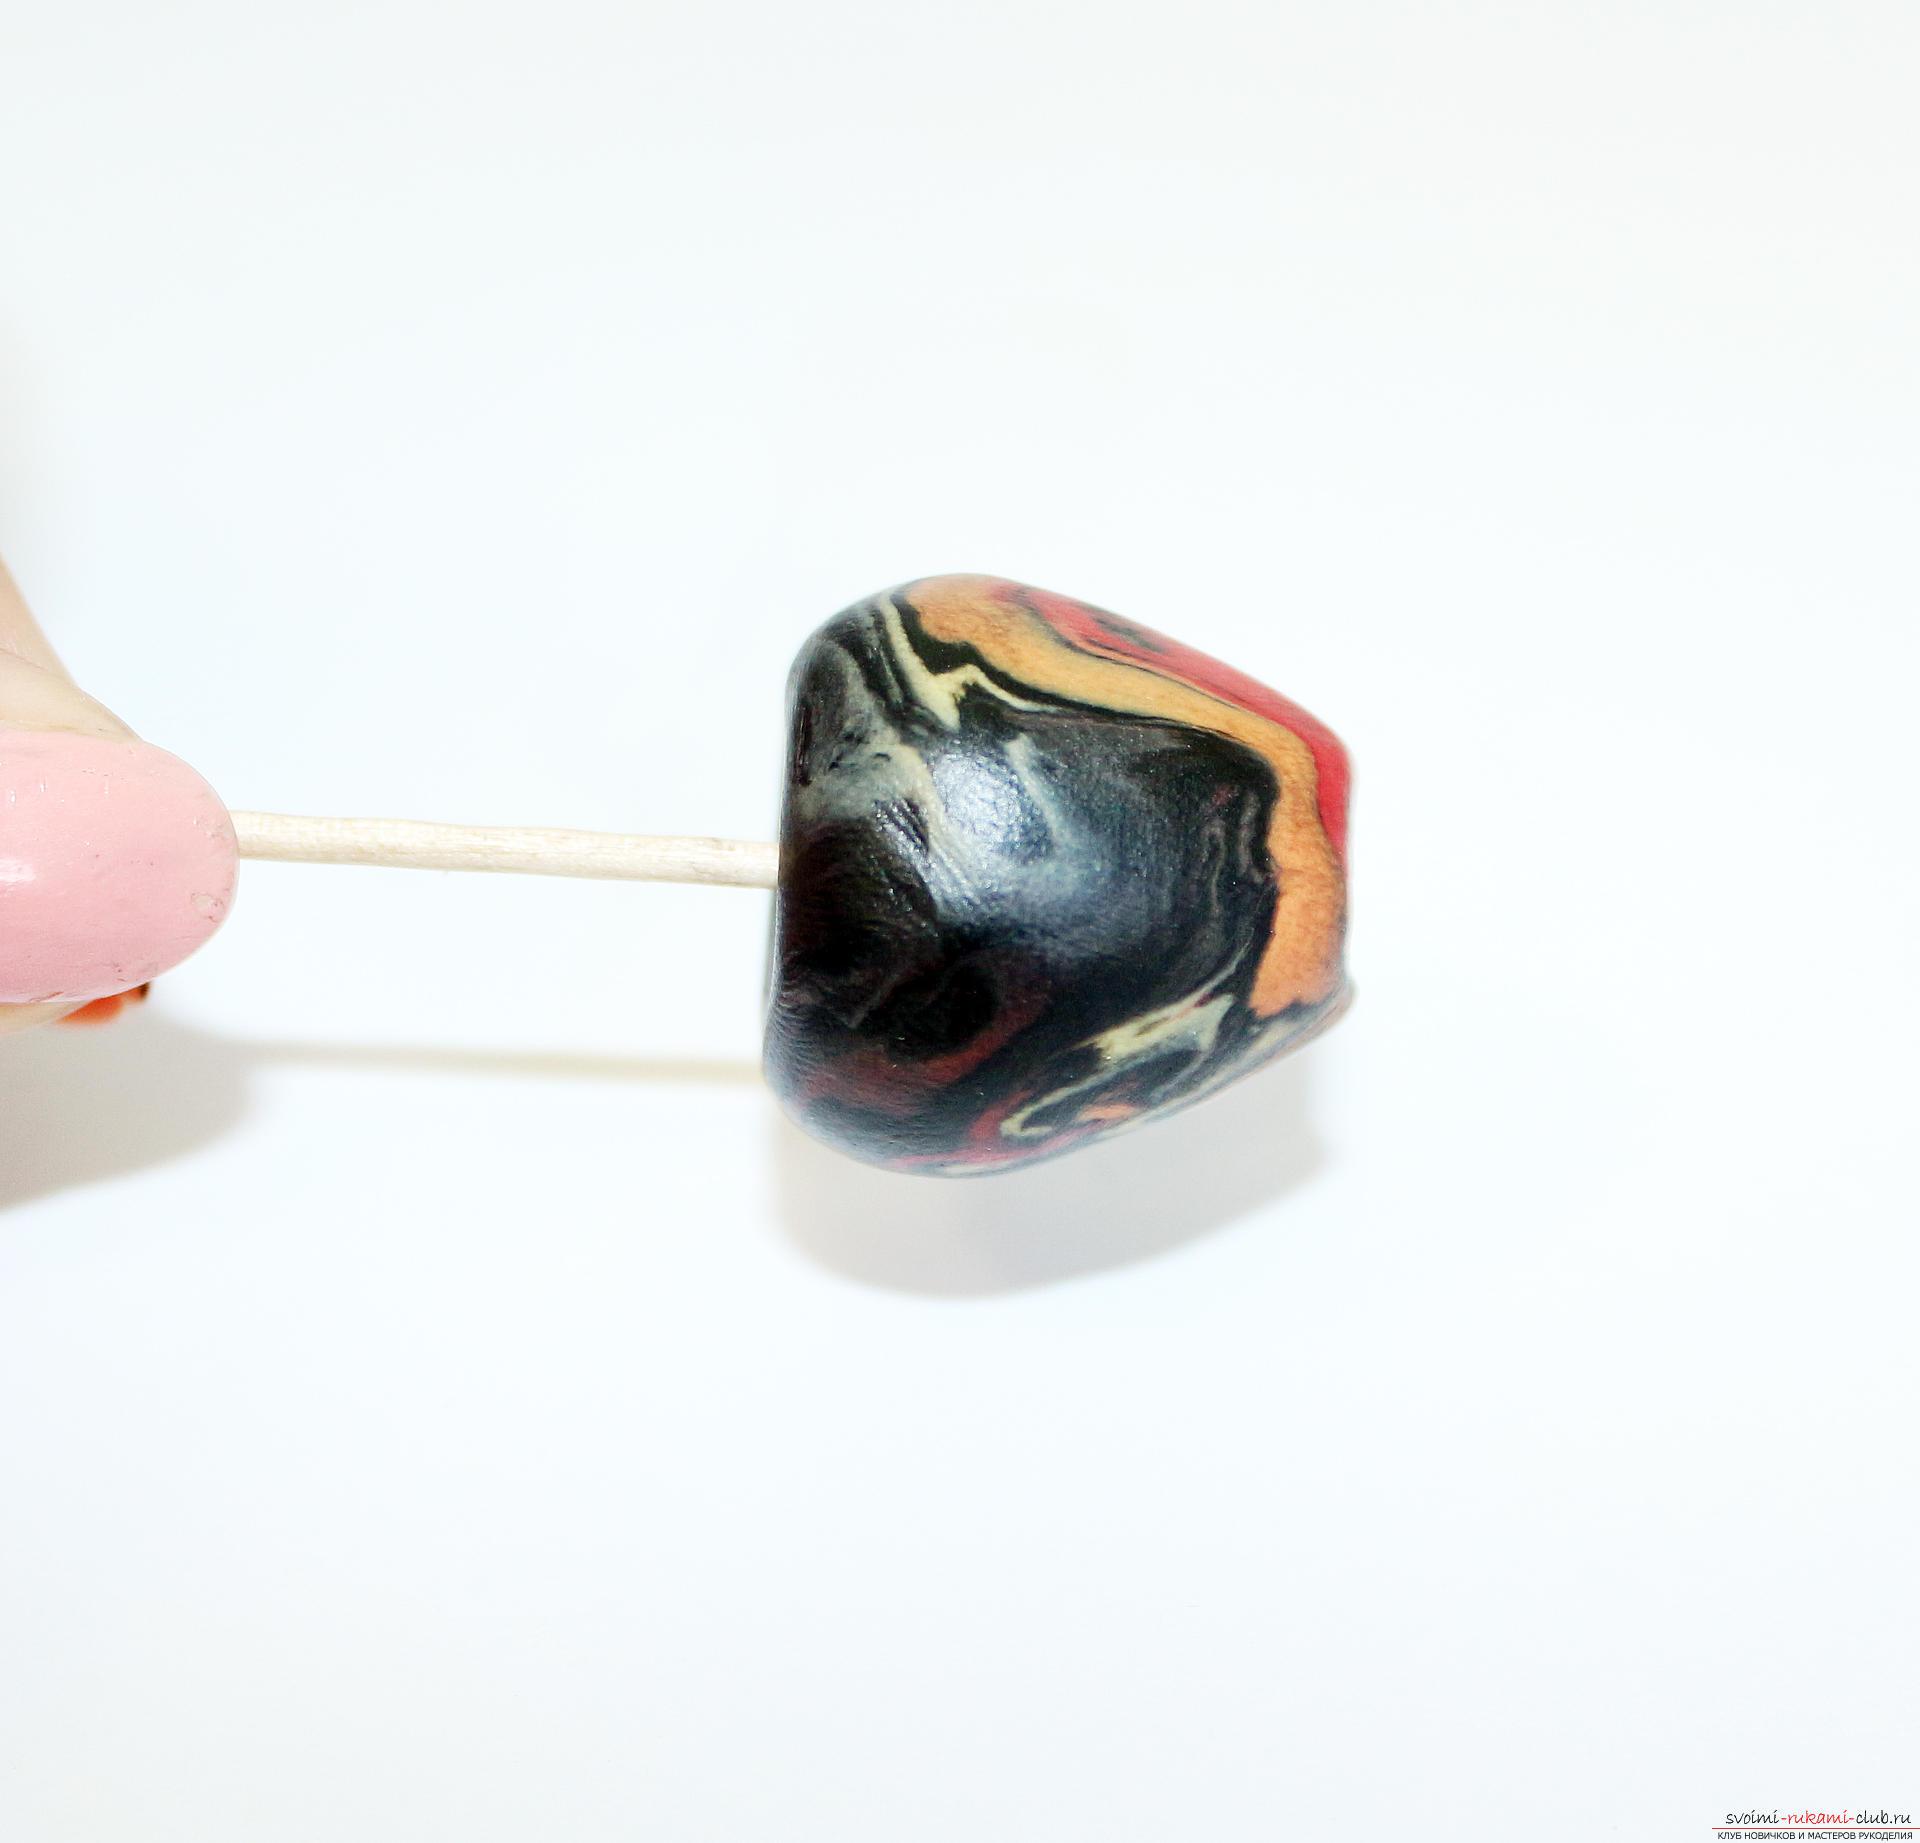 Этот подробный мастер-класс по лепке из полимерной глины расскажет как сделать своими руками фигурки из полимерной глины - овощи и фрукты для детей.. Фото №9